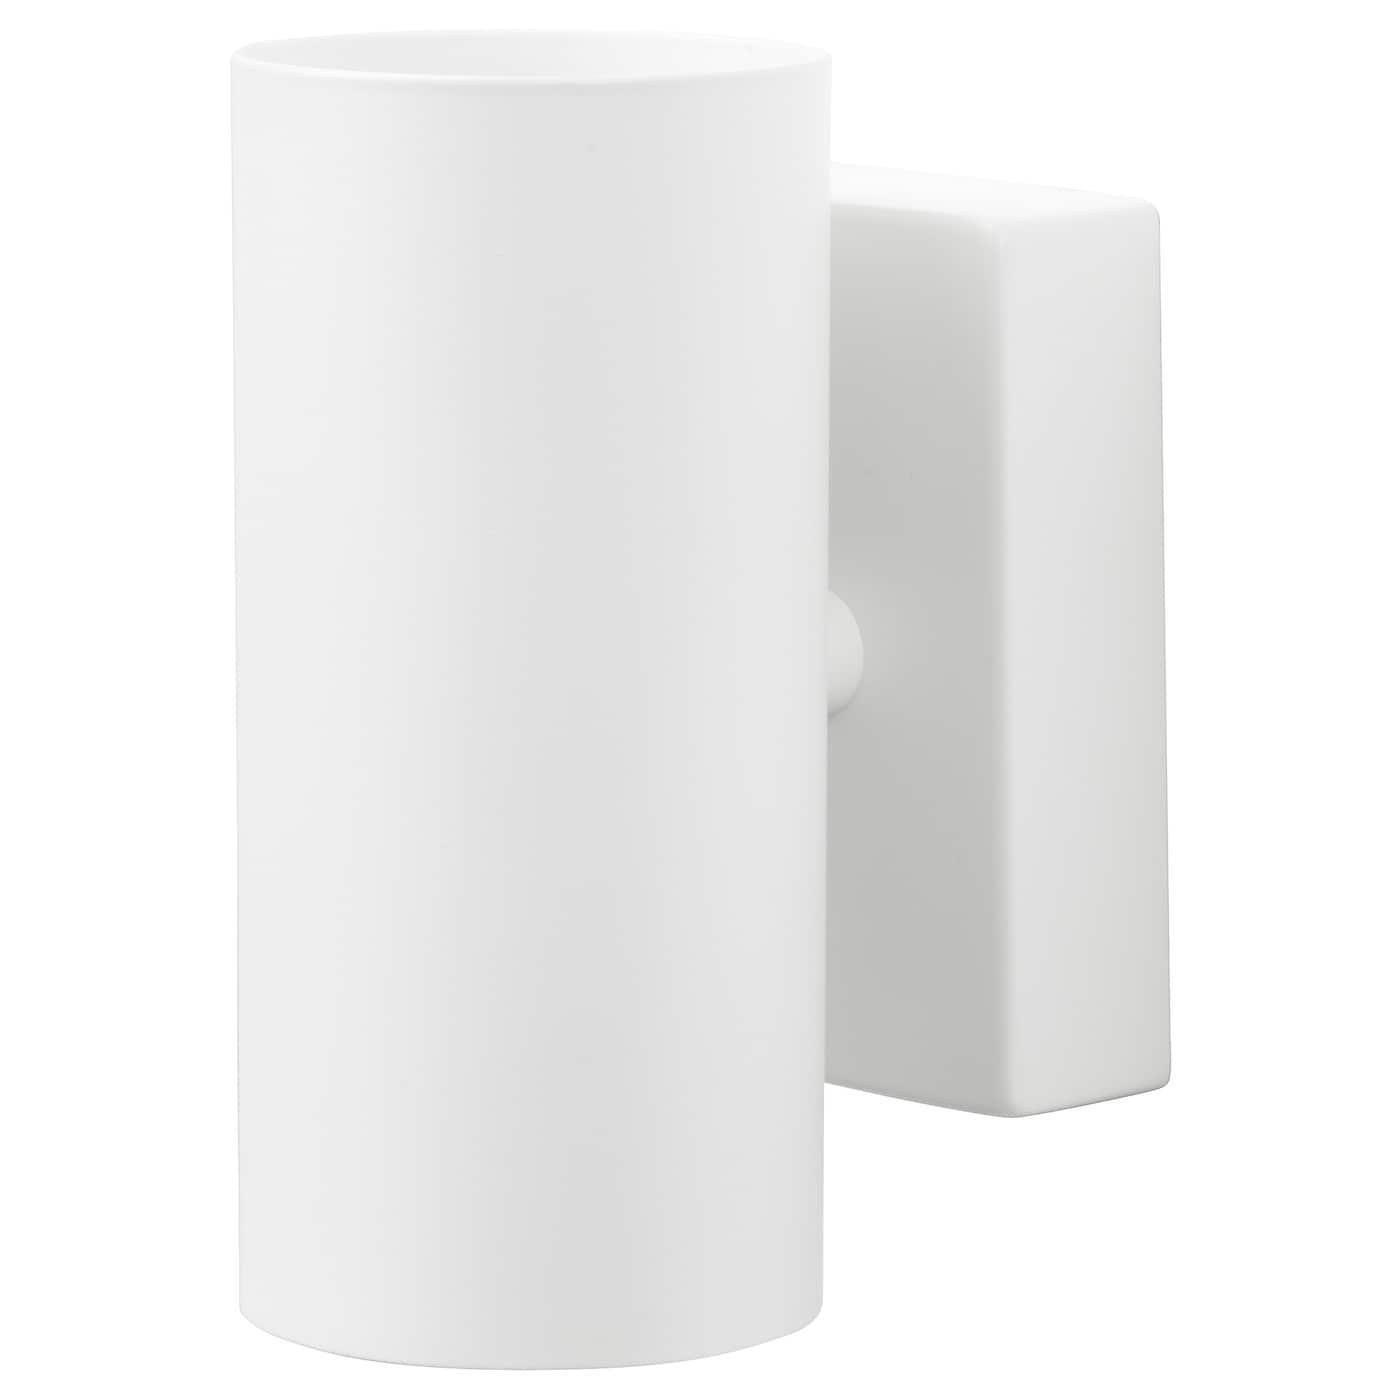 Ikea Lampen Wandlampen